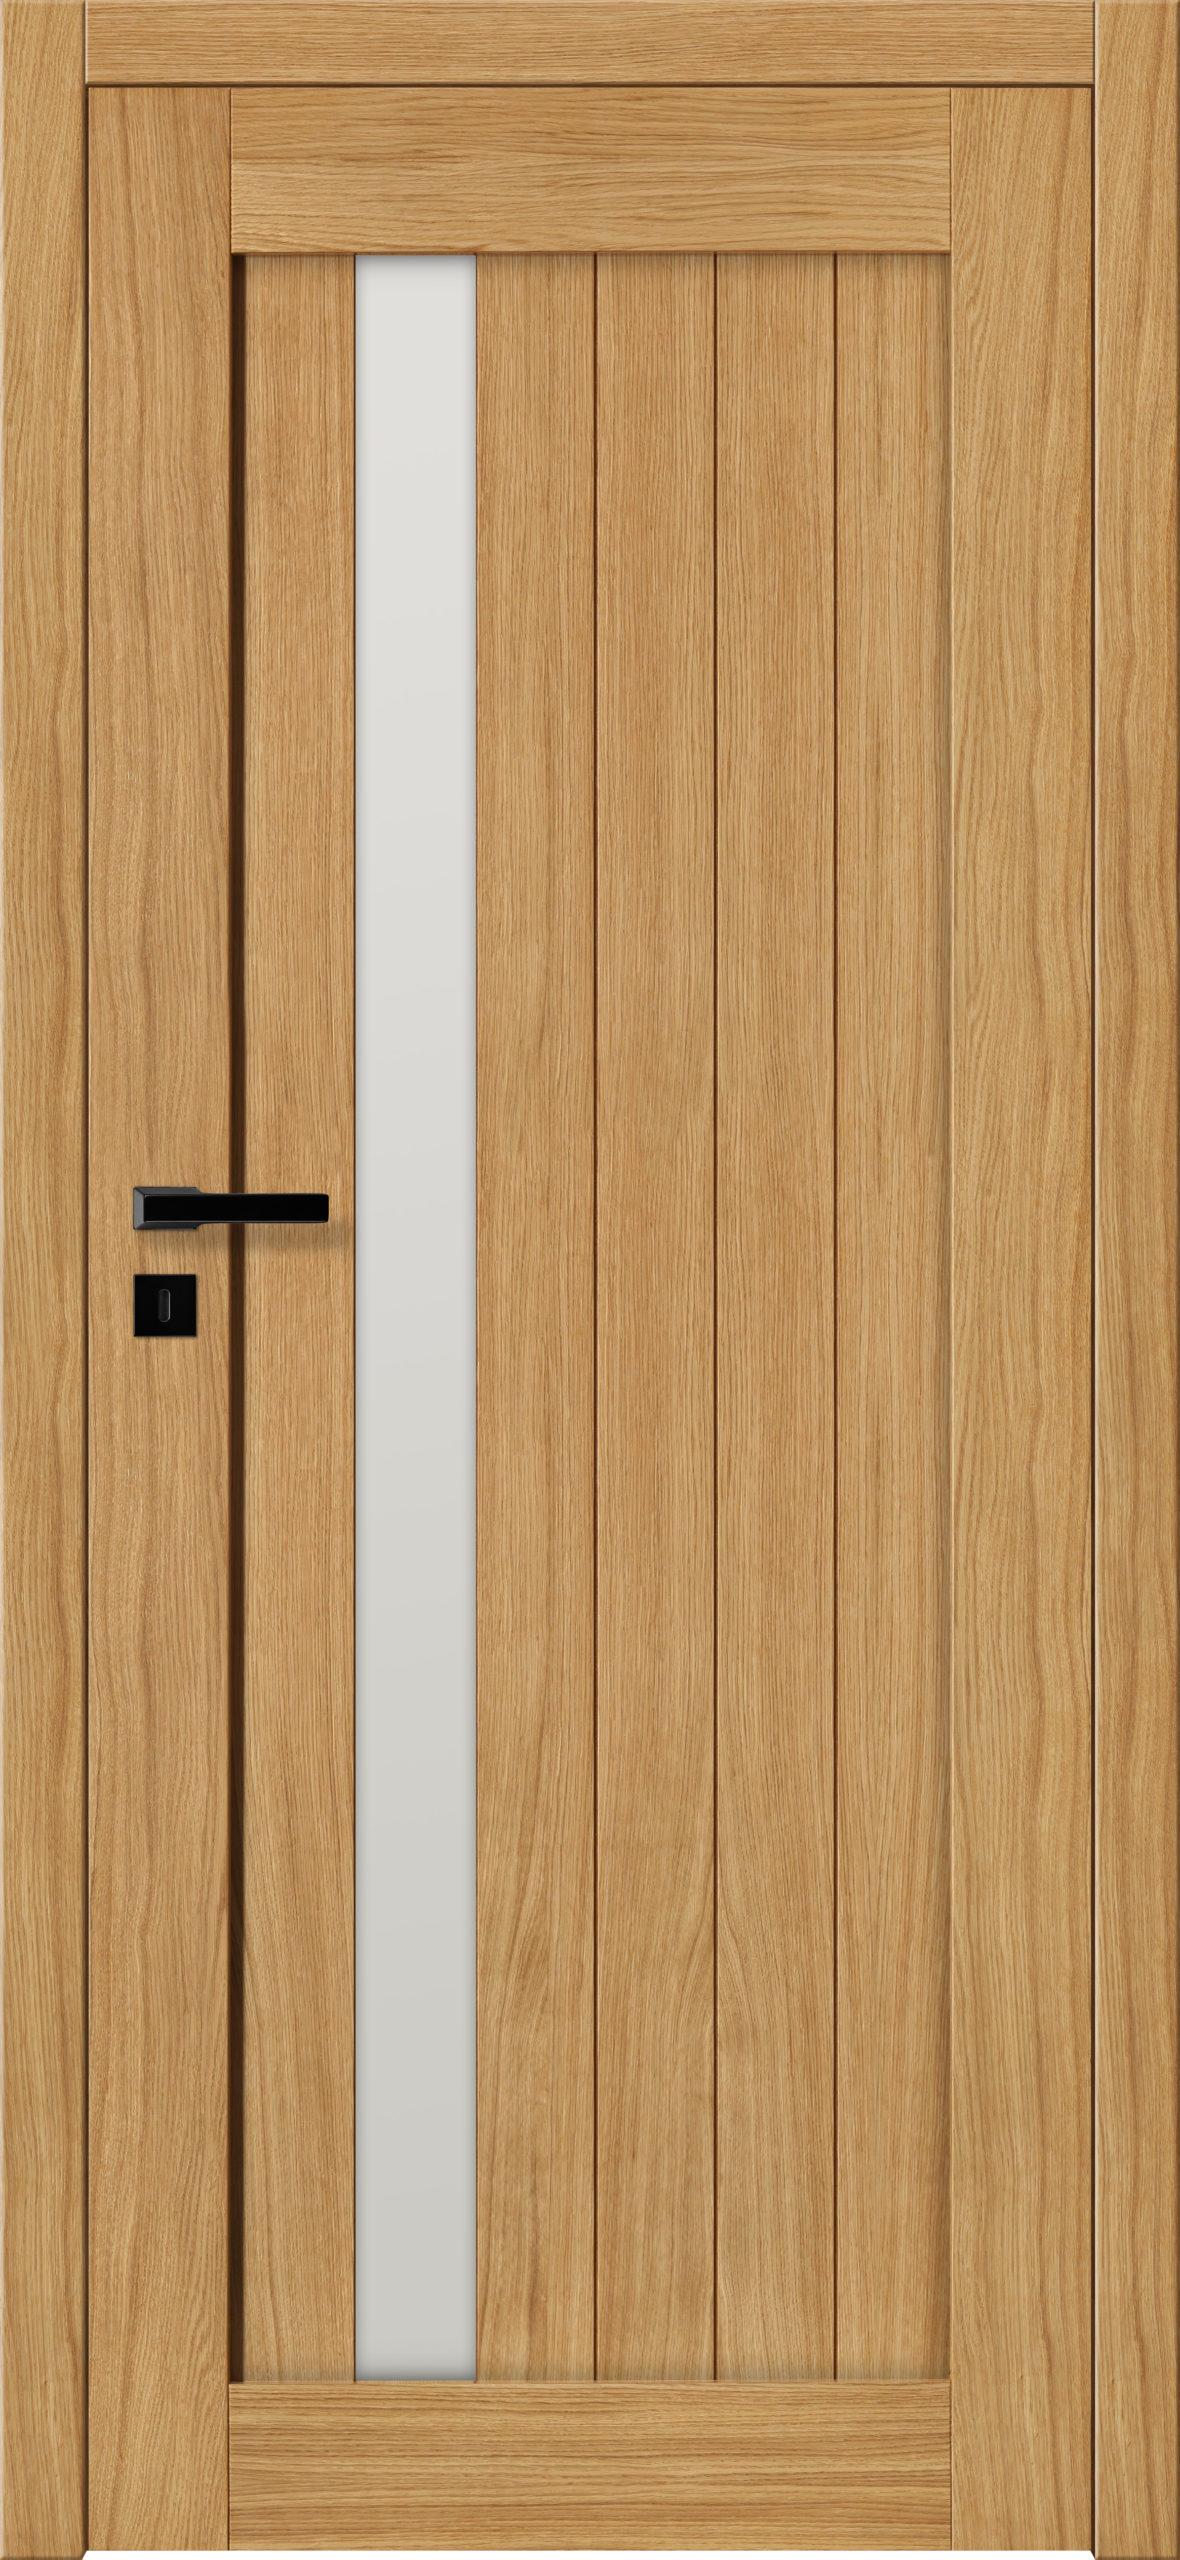 Sevilla E2 - dąb - lakier bezbarwny - szklenie lacomat bezpieczny - ościeżnica bezprzylgowa regulowana drewniana (V)